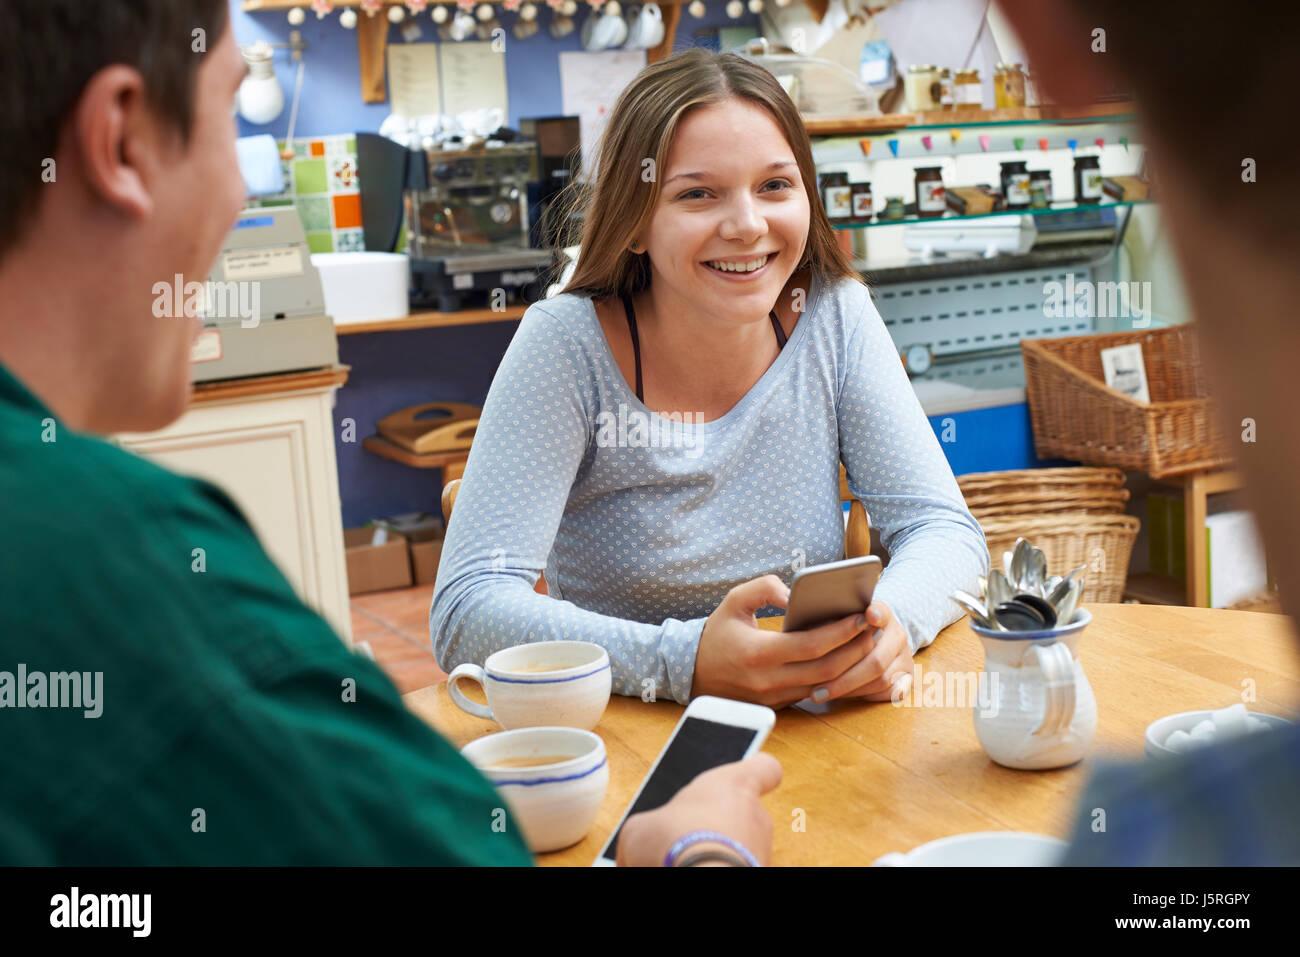 Groupe d'amis adolescents réunion dans un café et l'utilisation de téléphones mobiles Photo Stock